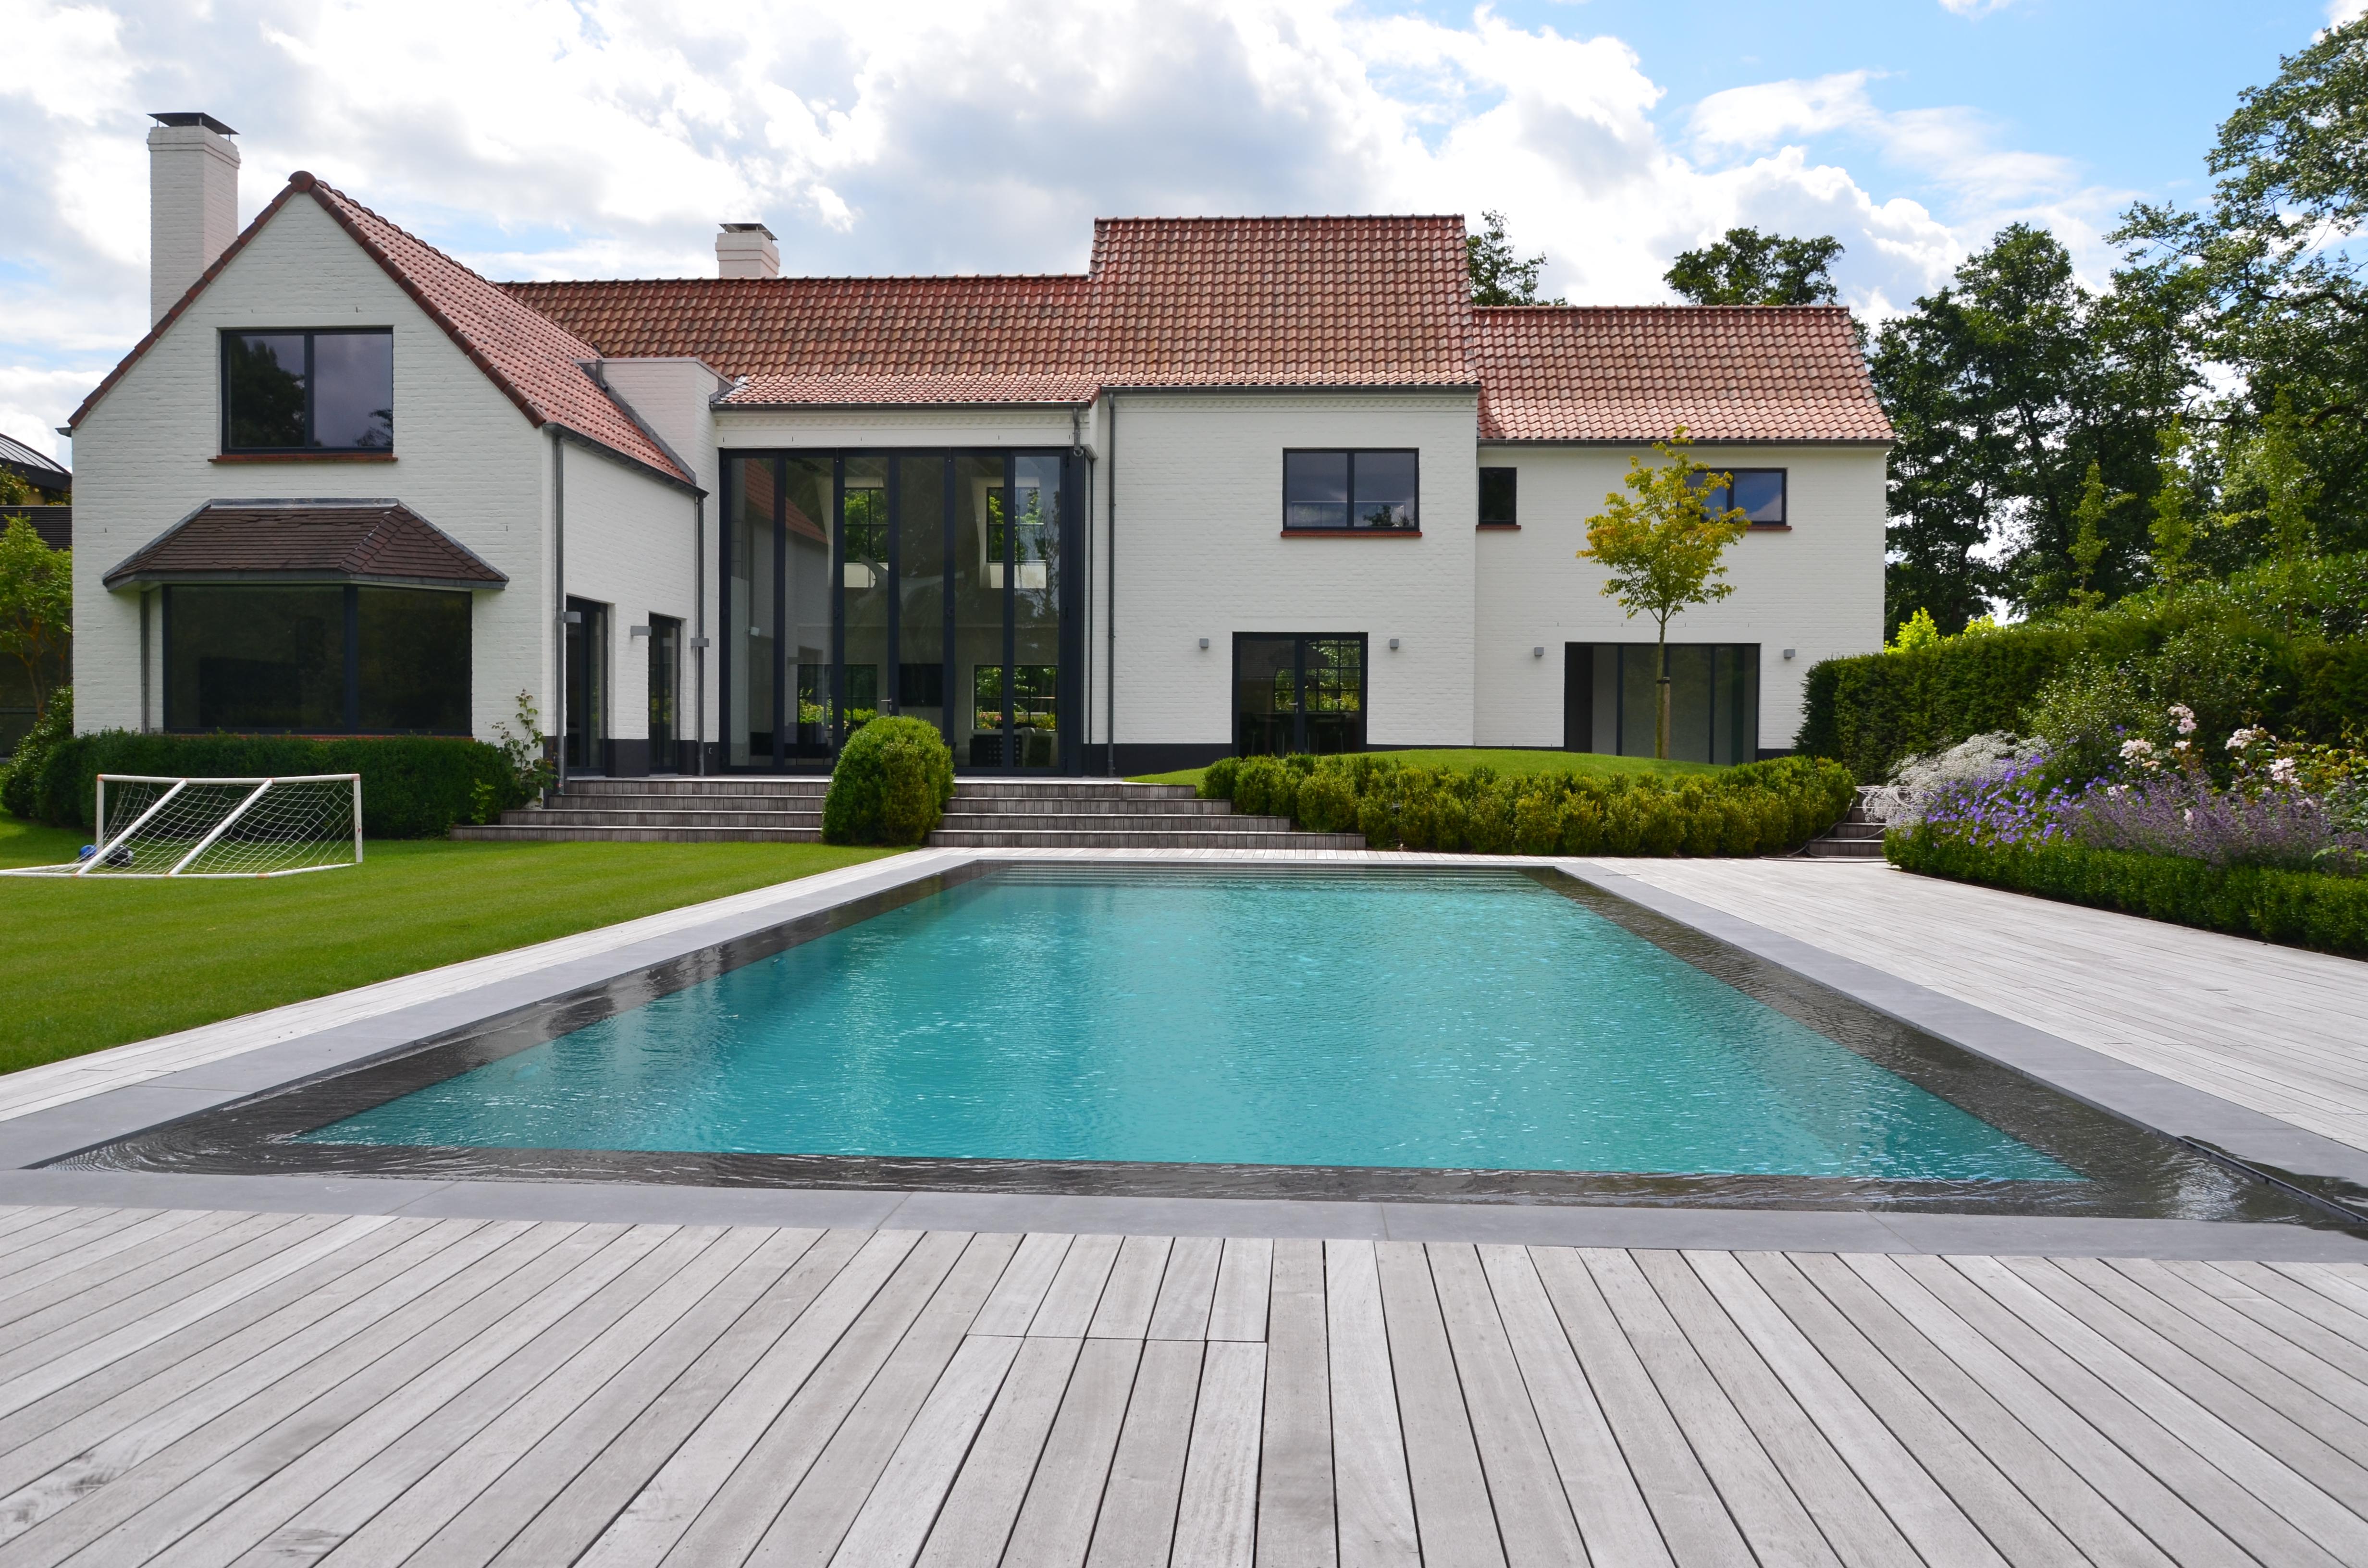 Stijlvol overloopbad in sint martens latem zwembaden antheunis - Huis design met zwembad ...